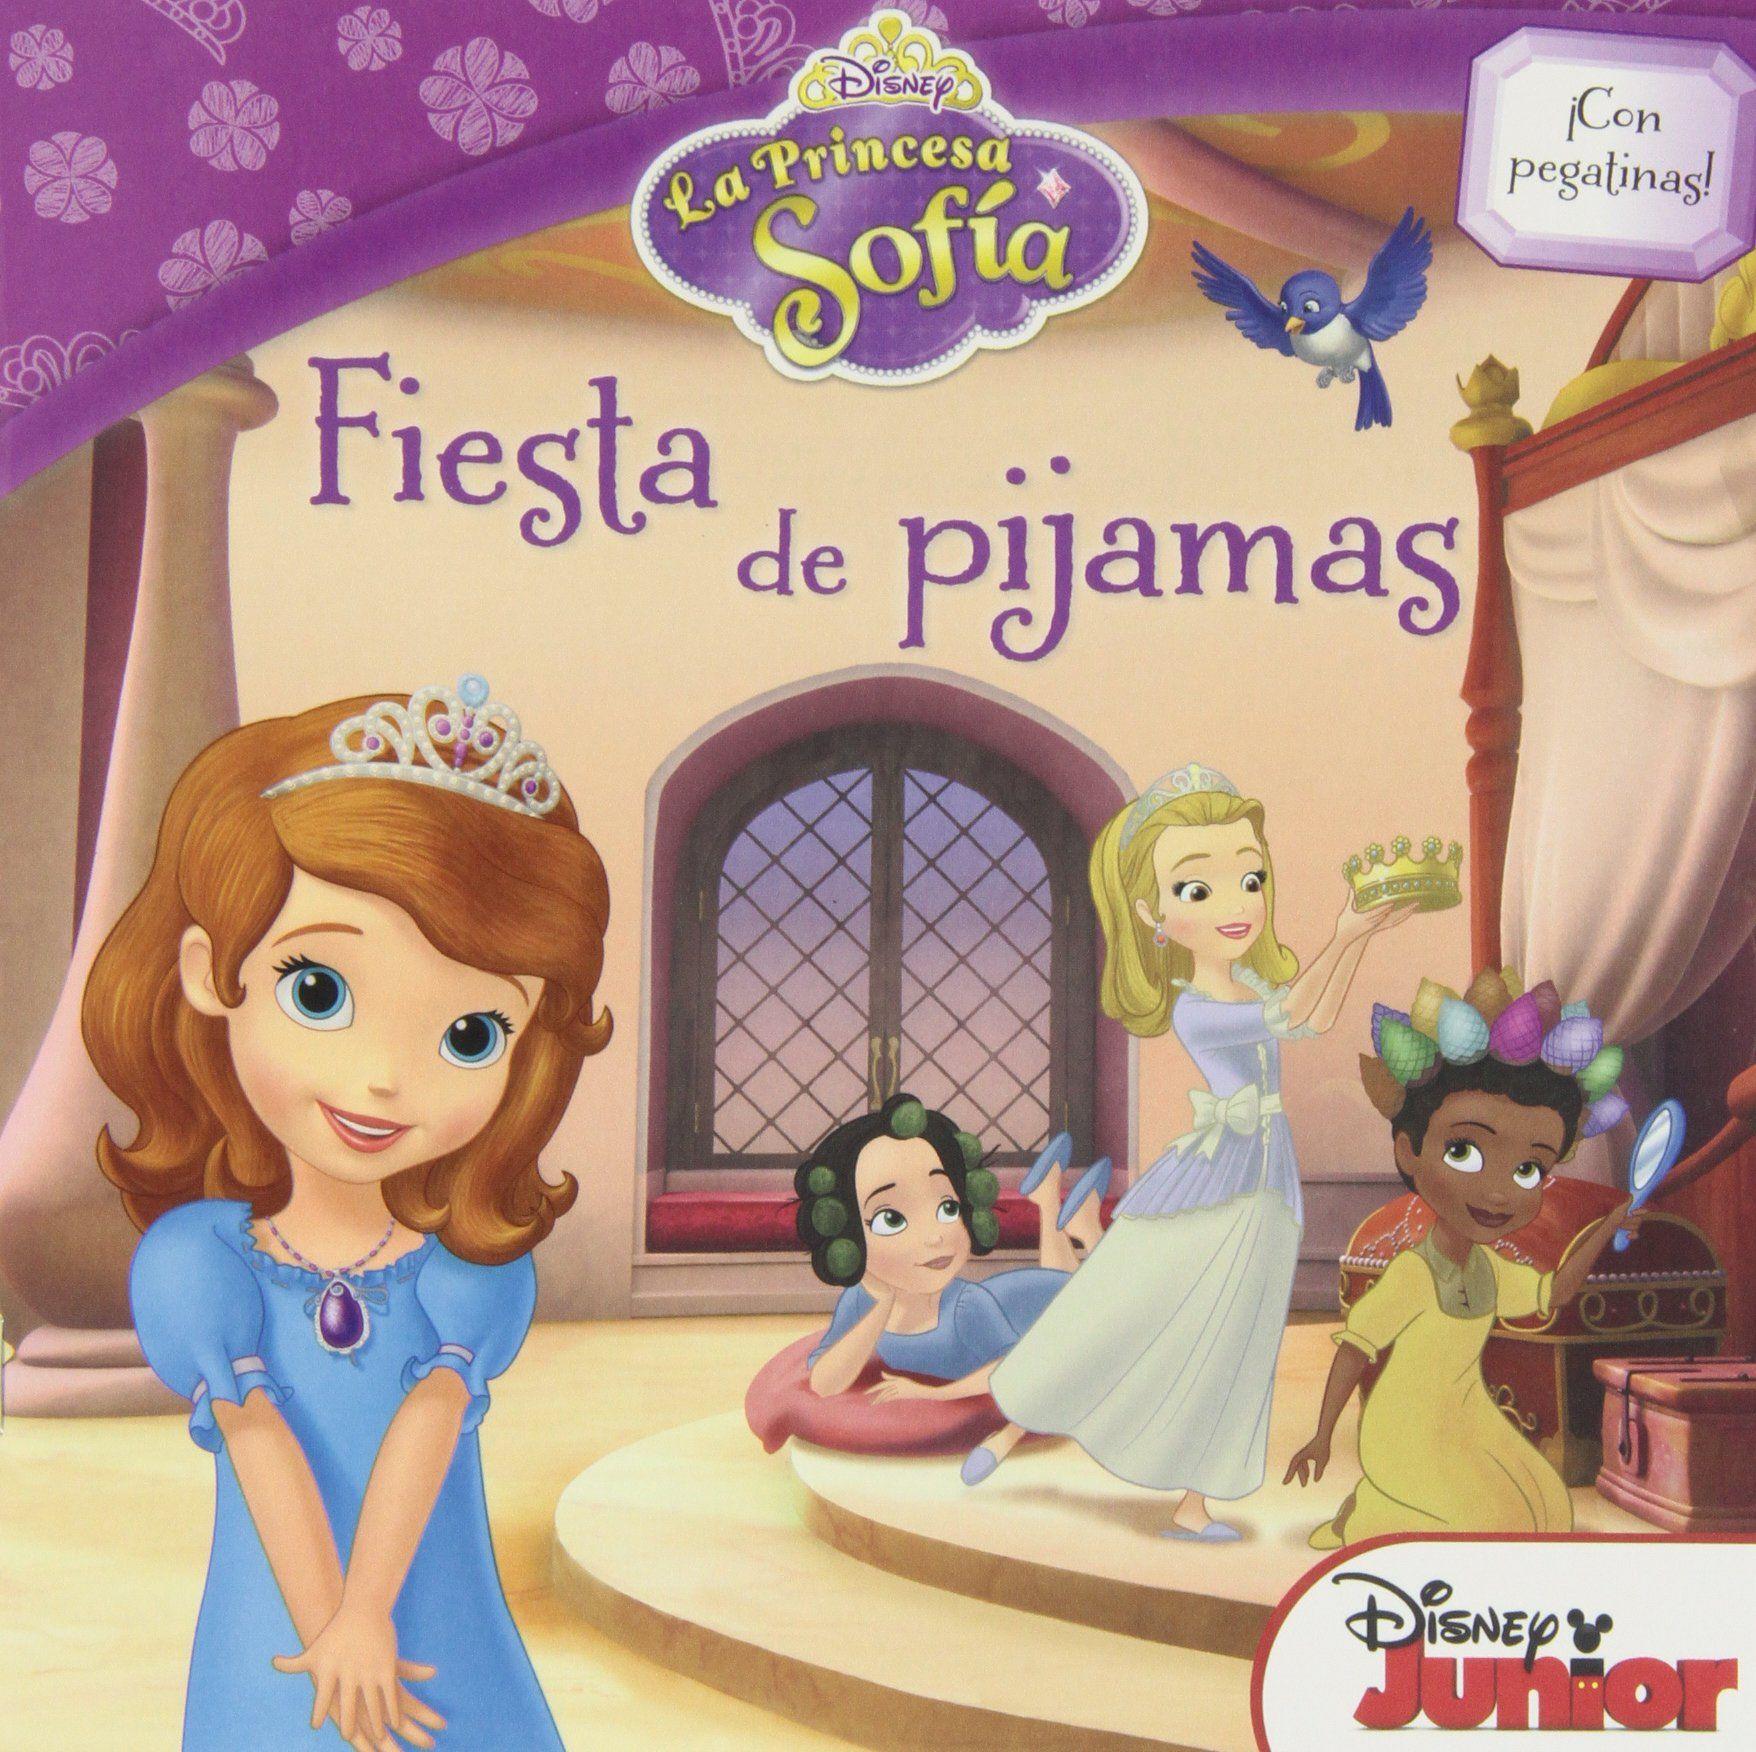 La Princesa Sofía Cuento Fiesta De Pijamas Disney Princesa Sofía Amazon Es Disney Editorial Planeta S Princesa Sofía Sofia La Primera Fiesta De Pijamas